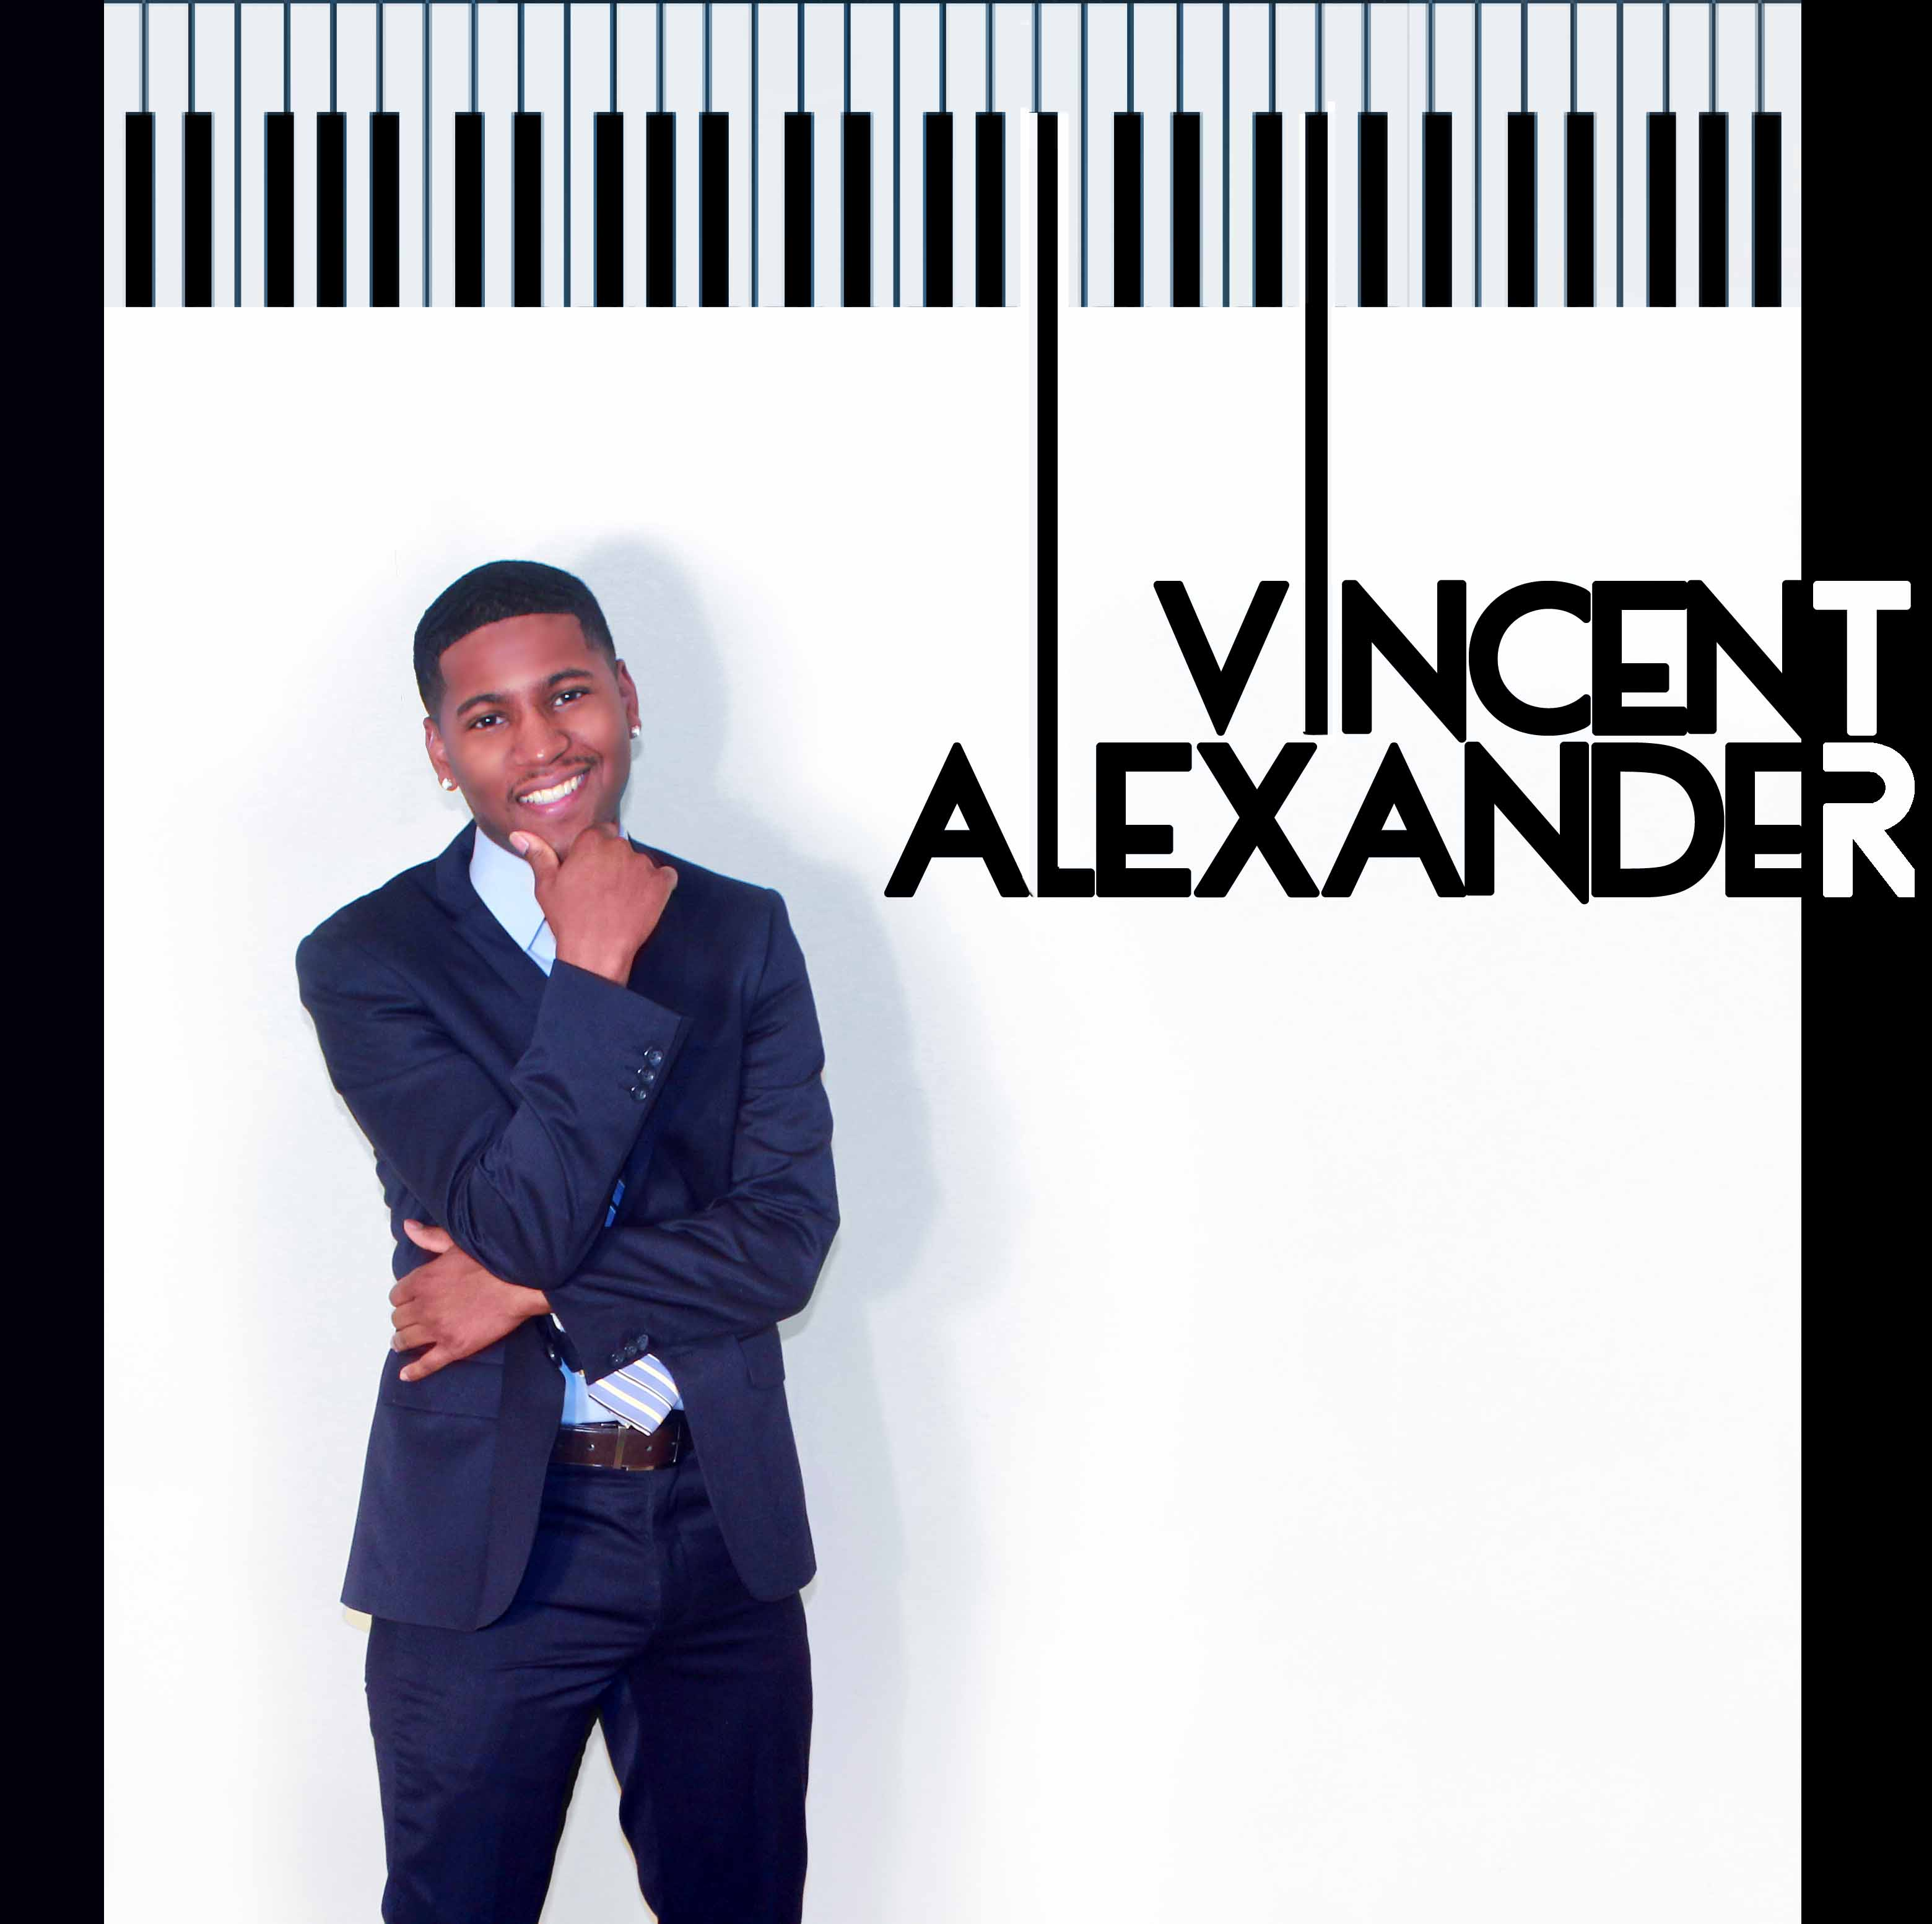 Vincent Alexander image